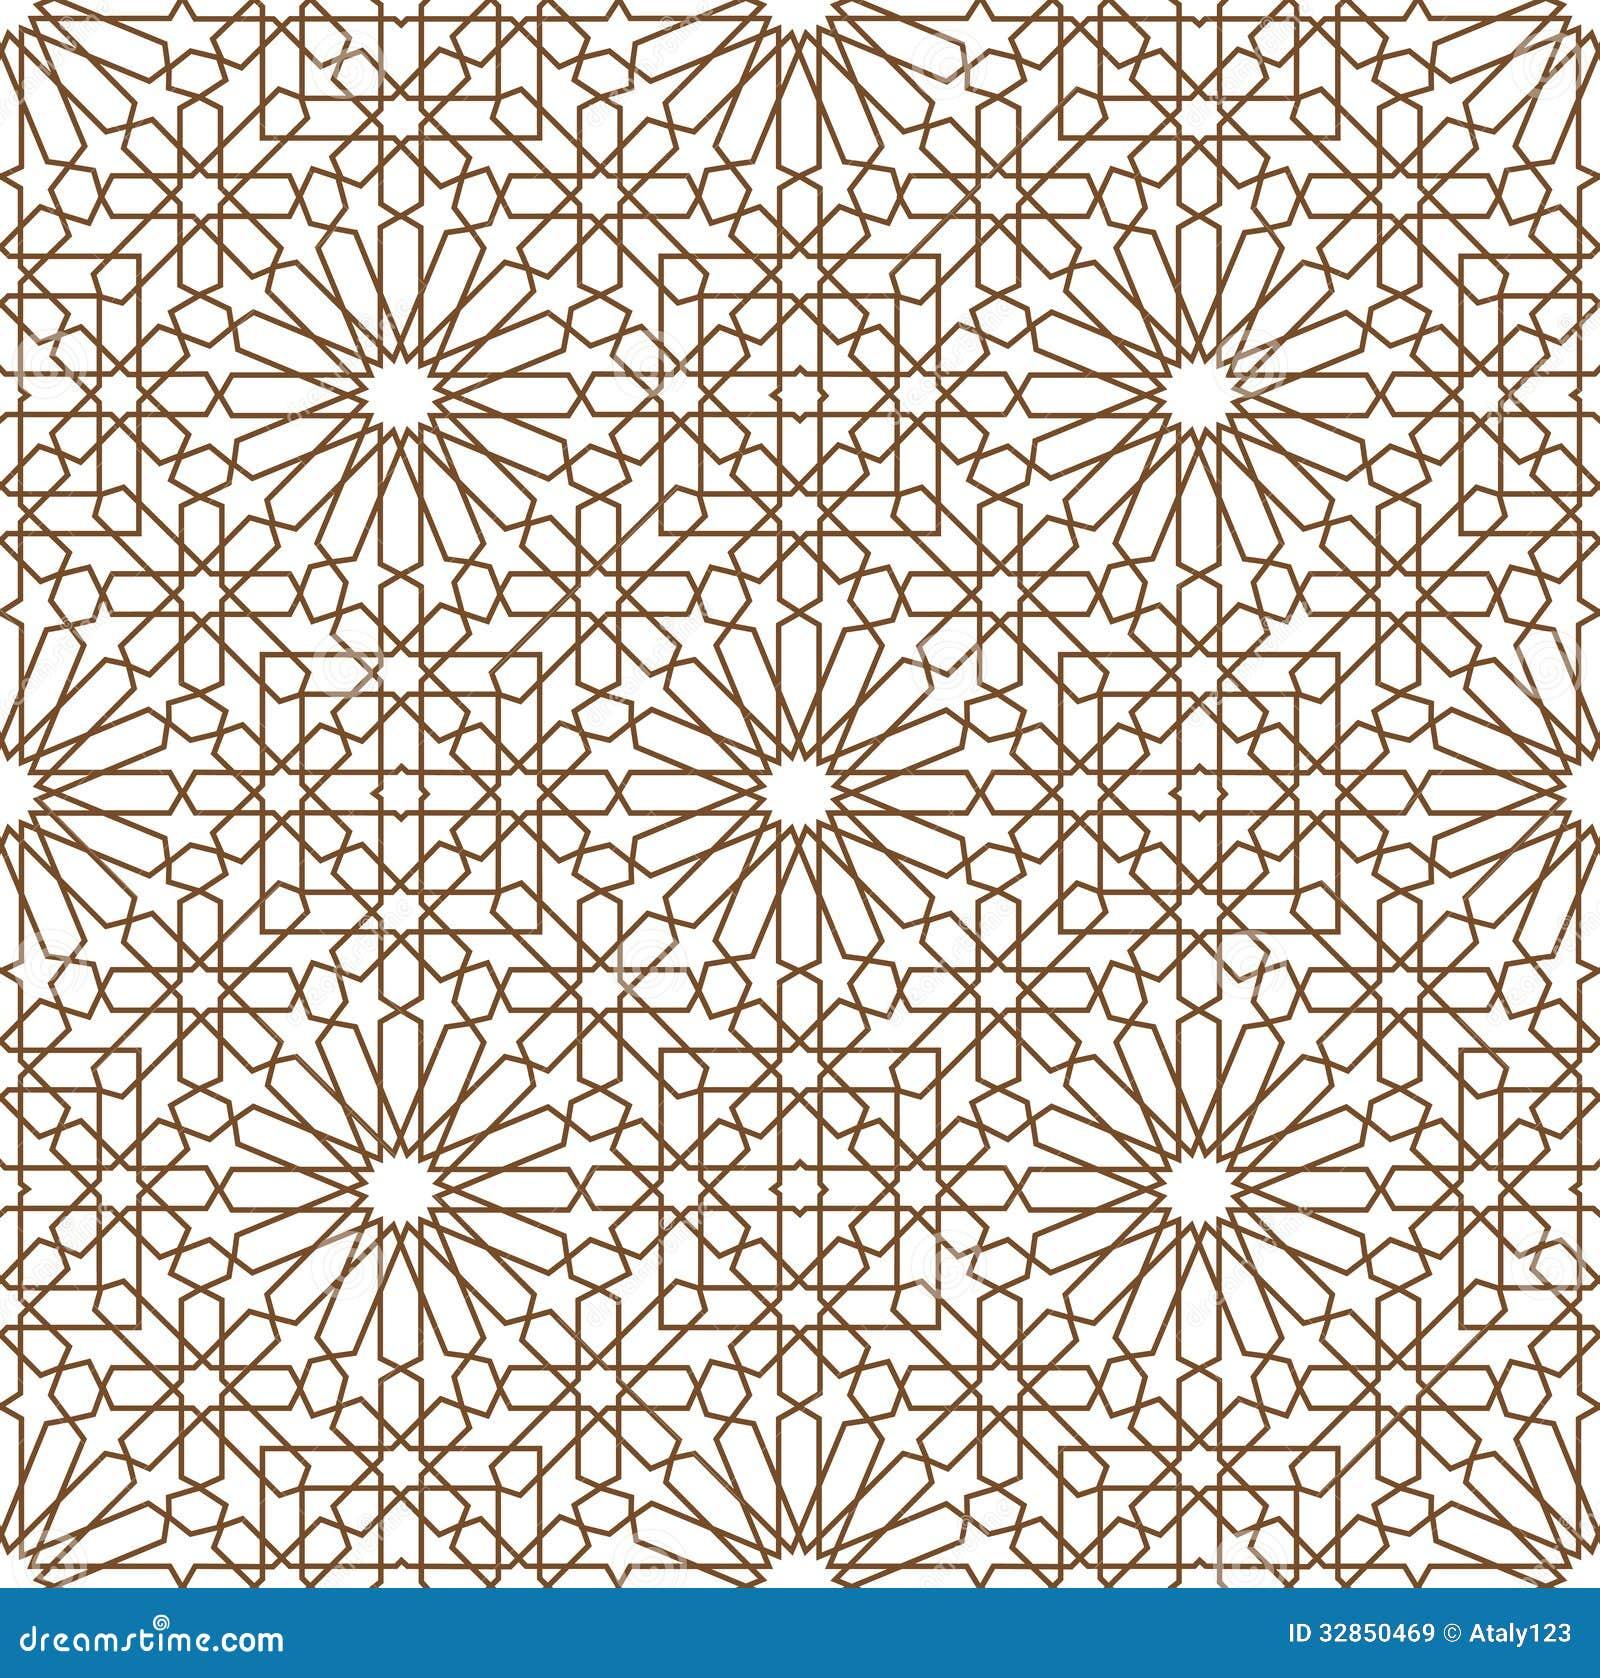 арабский орнамент фото